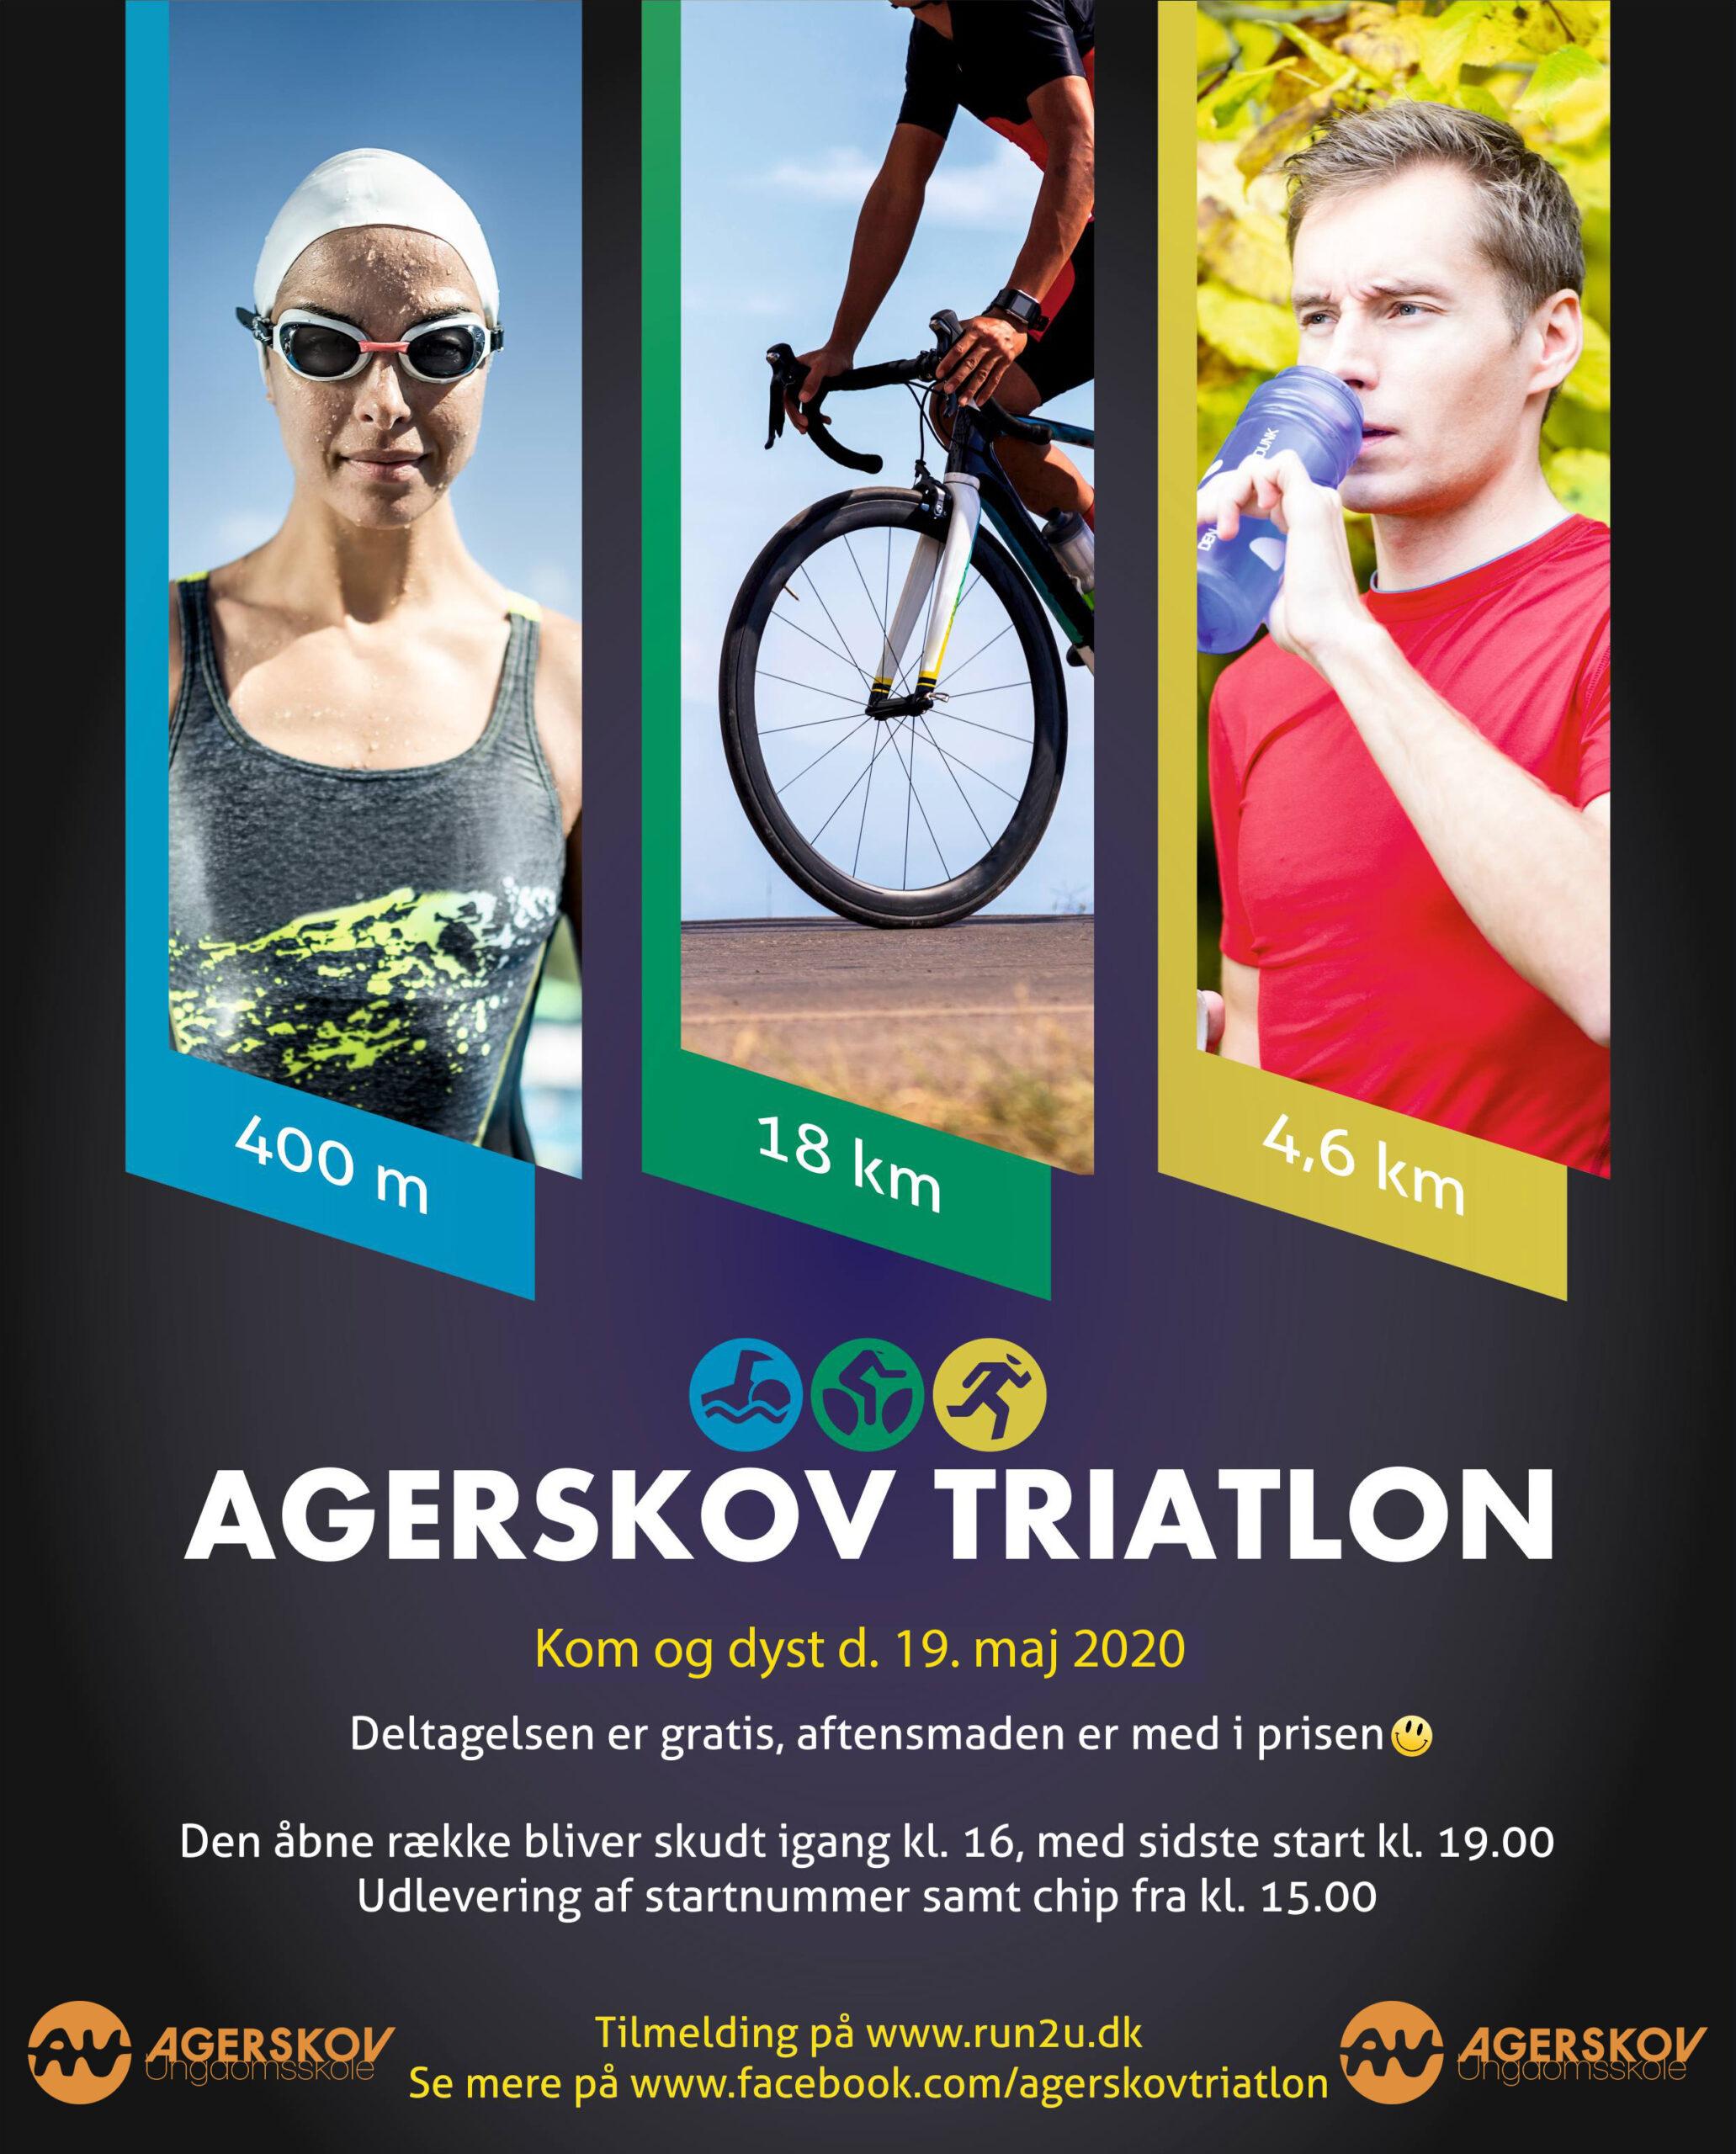 Agerskov Triatlon